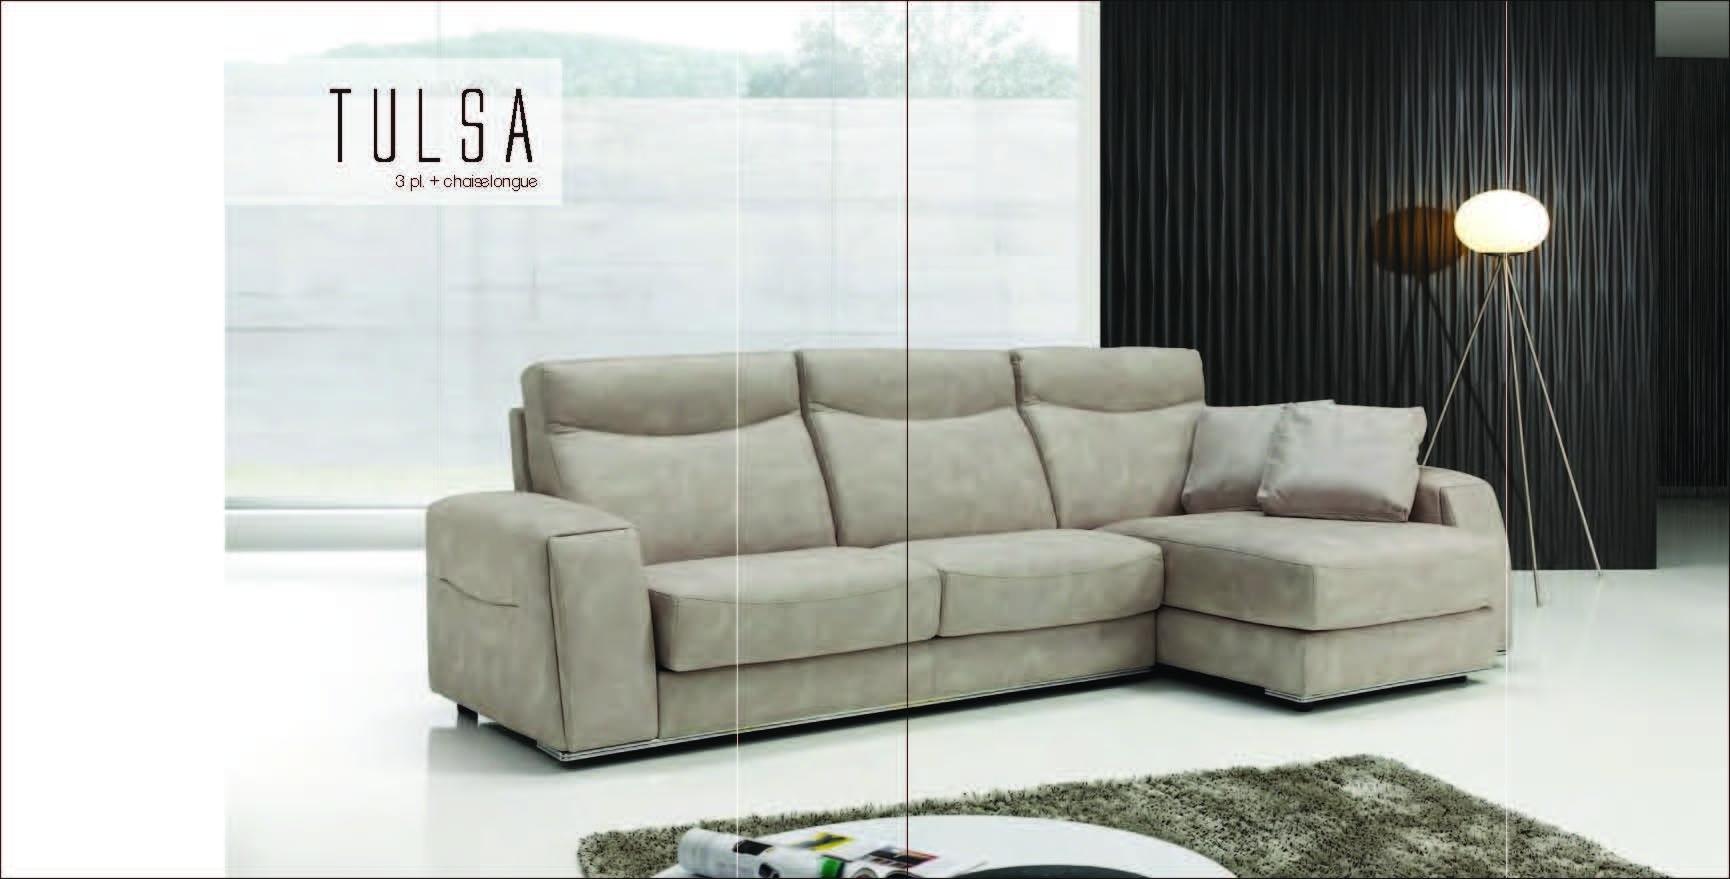 leather sofas tulsa natuzzi uk sofa bed 10 inspirations sectional ideas